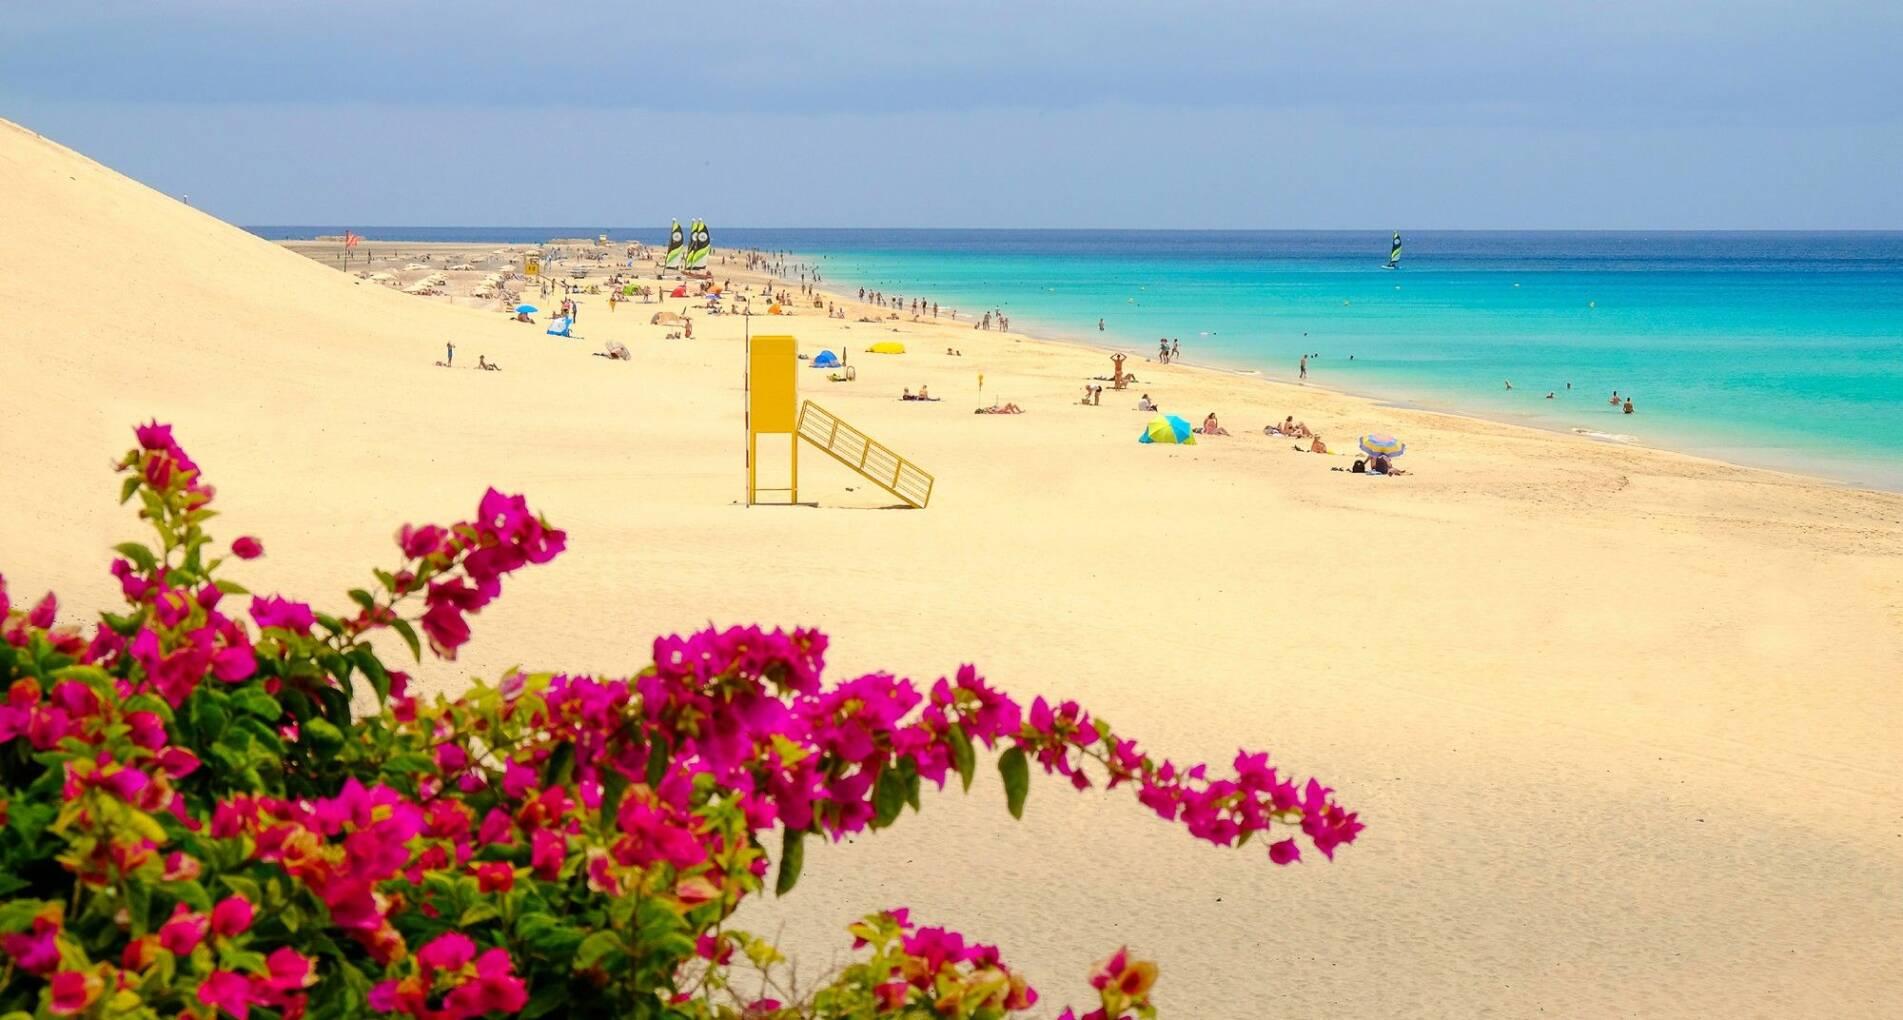 Nieuw! Canarische Eilanden, Fuerteventura - Spanje - 1